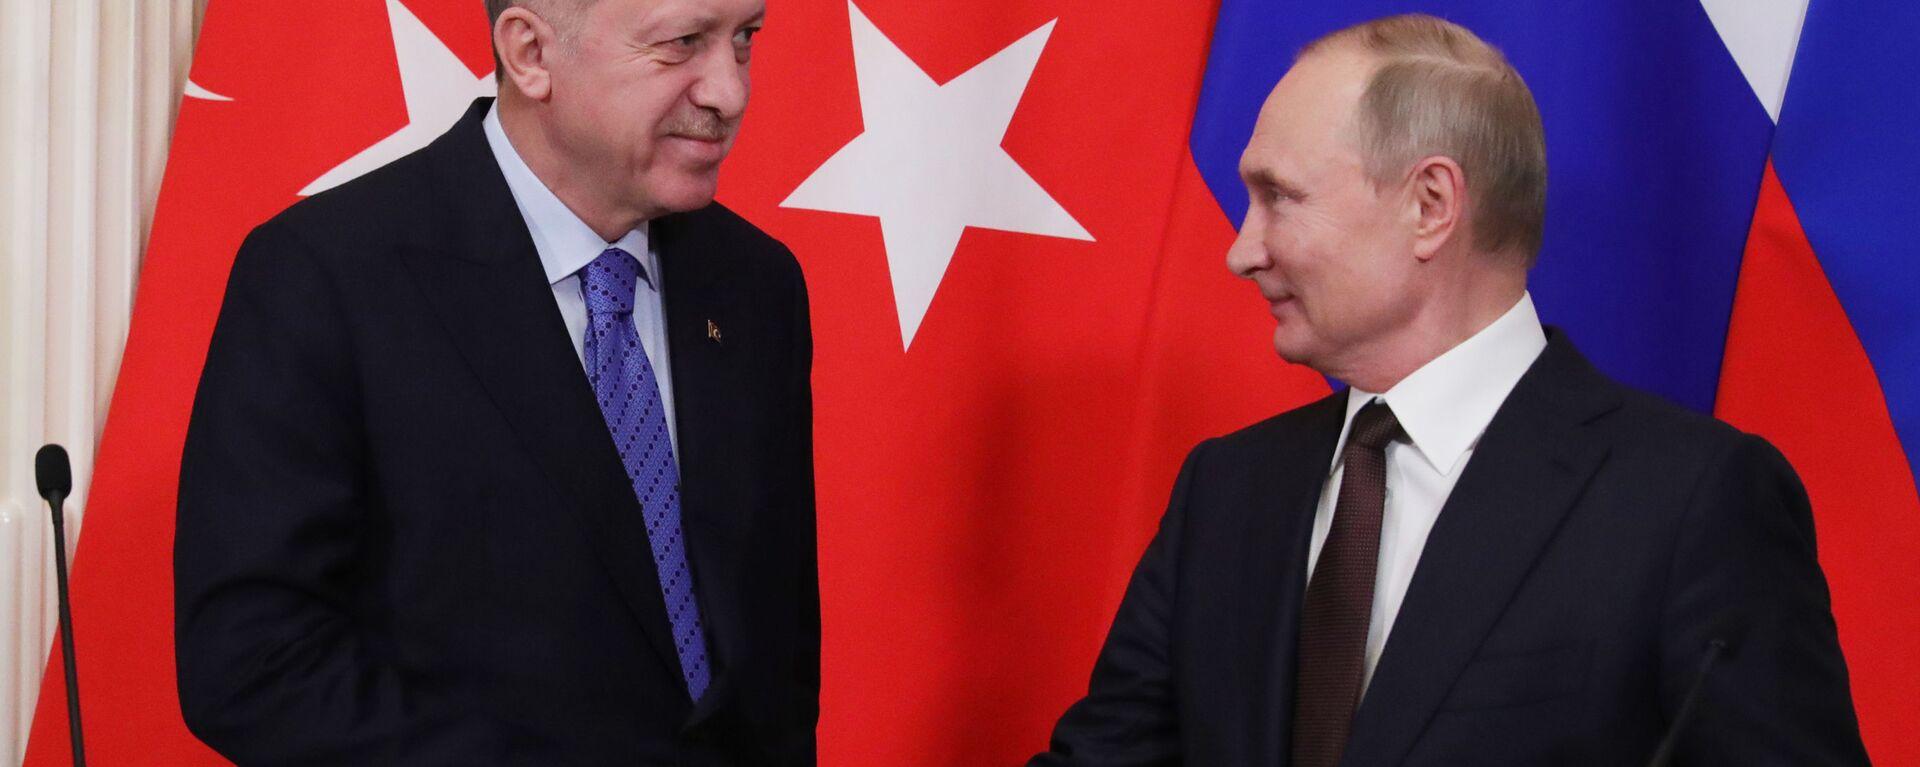 Шта су се договорили Путин и Ердоган - Sputnik Србија, 1920, 28.09.2021